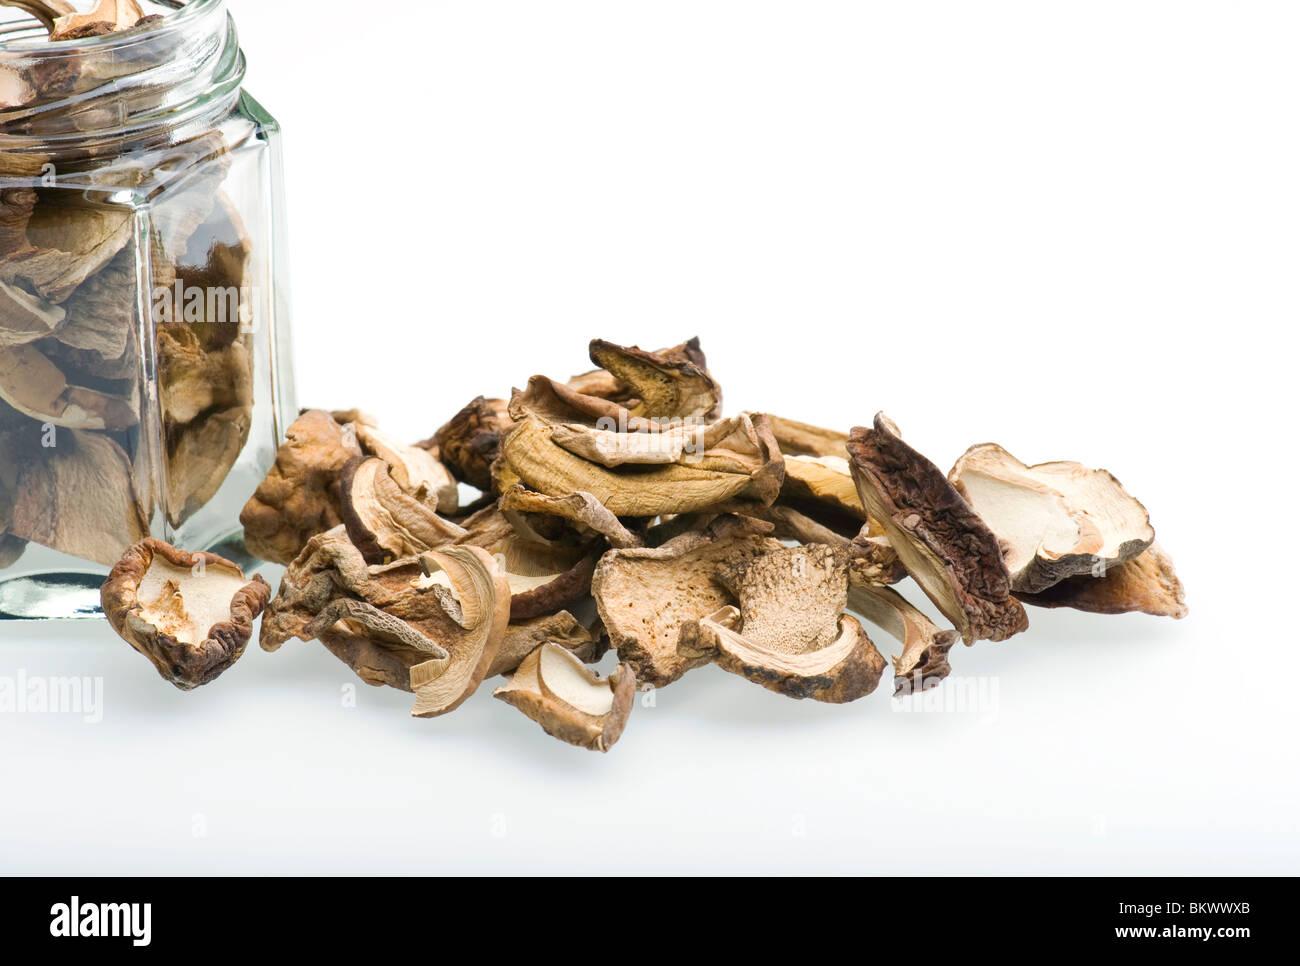 Porcini Mushrooms And Jar On White Background - Stock Image